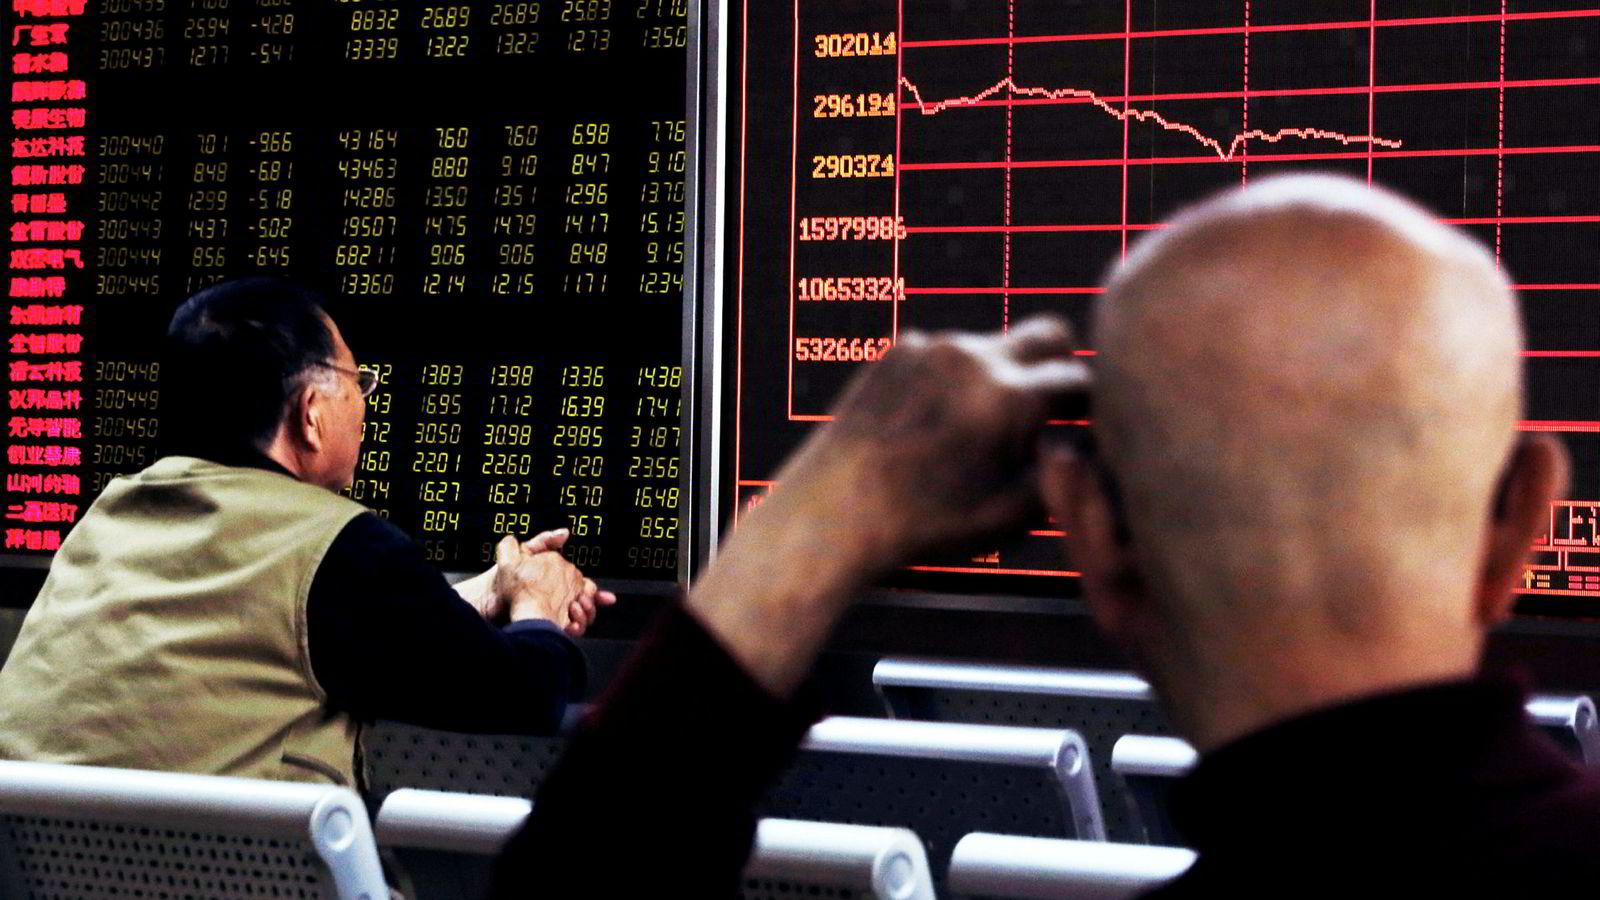 Børsverdier for over 4500 milliarder kroner forsvant da de kinesiske børsene stupte etter at USAs president Donald Trump truet med å eskalere handelskrigen med Kina.